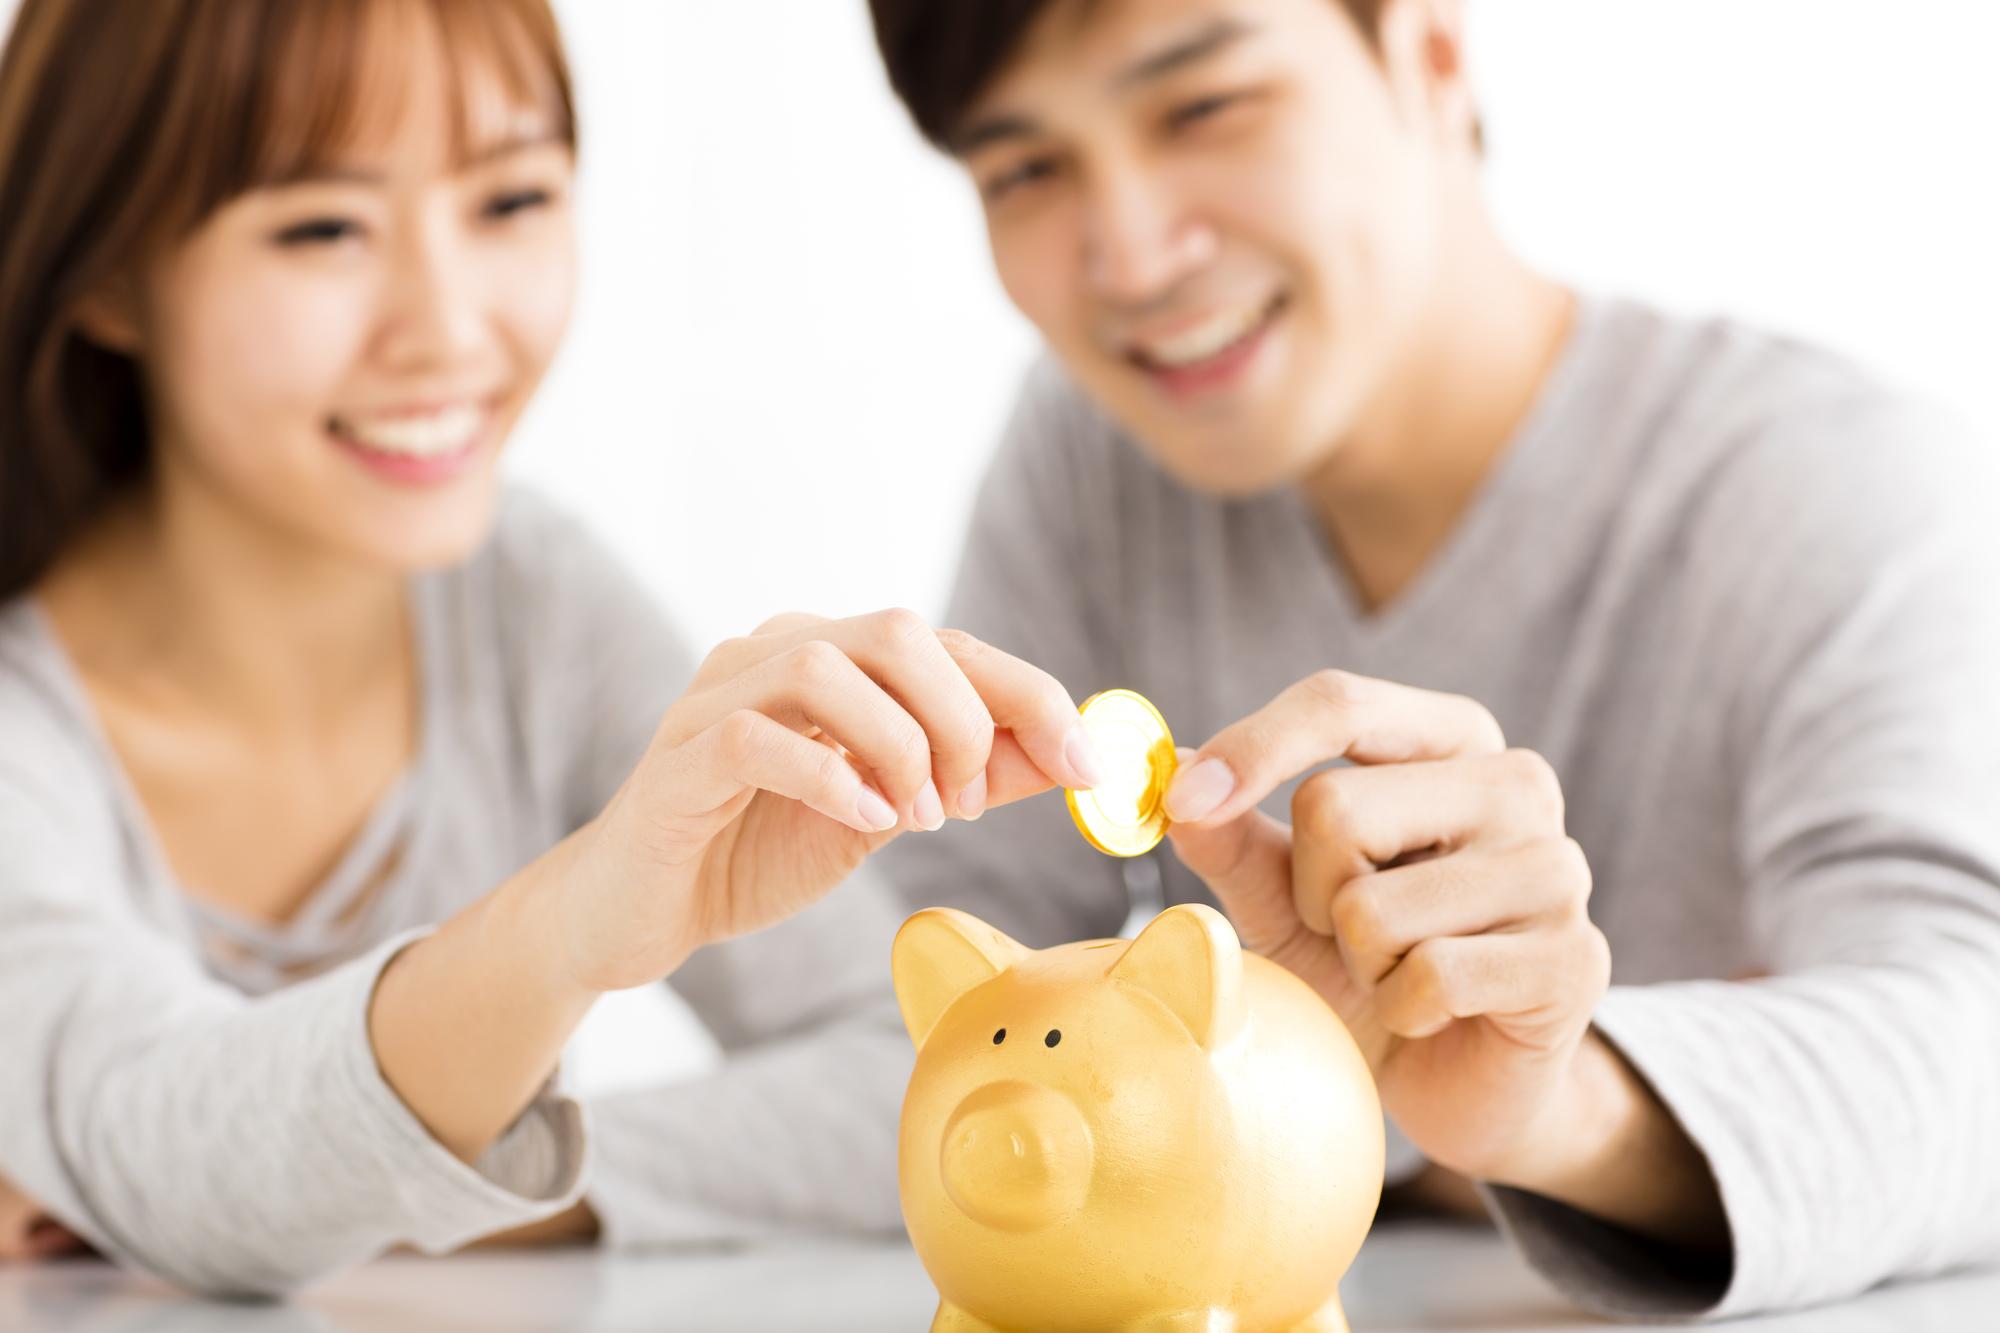 結婚したら始める貯金術21!低収入でも無理なく貯めるには?【専門家監修】